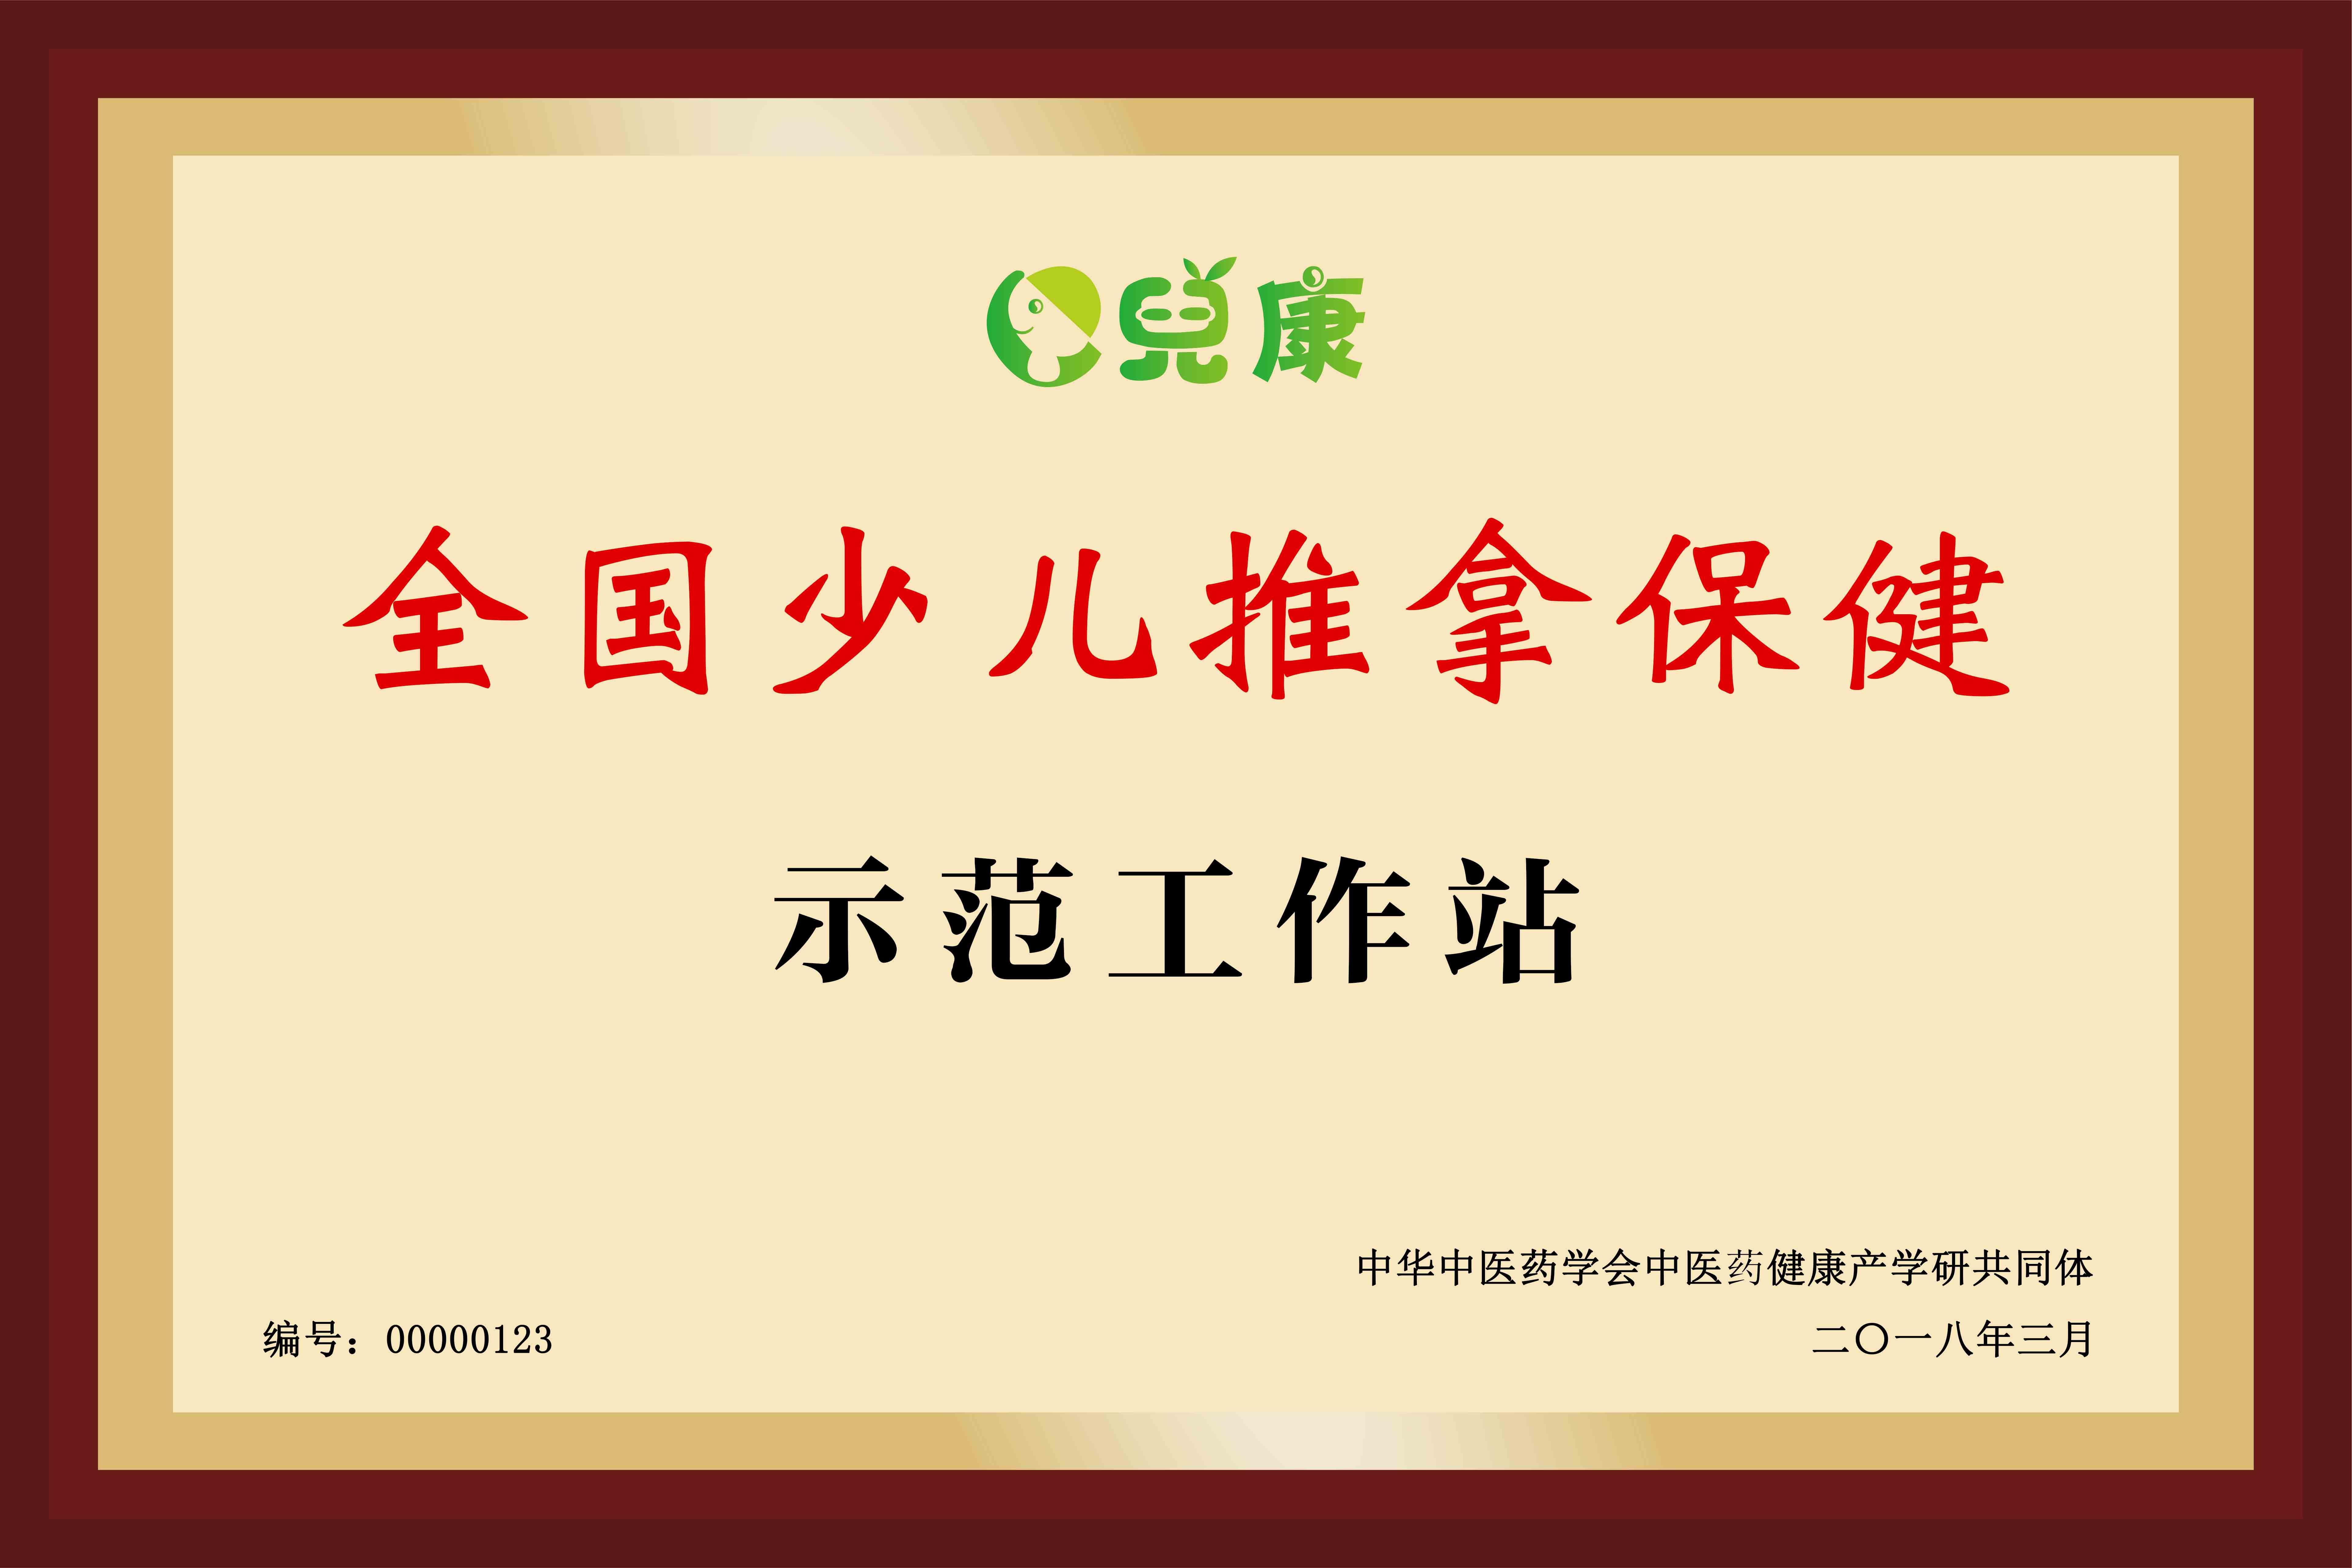 藏象学校荣誉展示